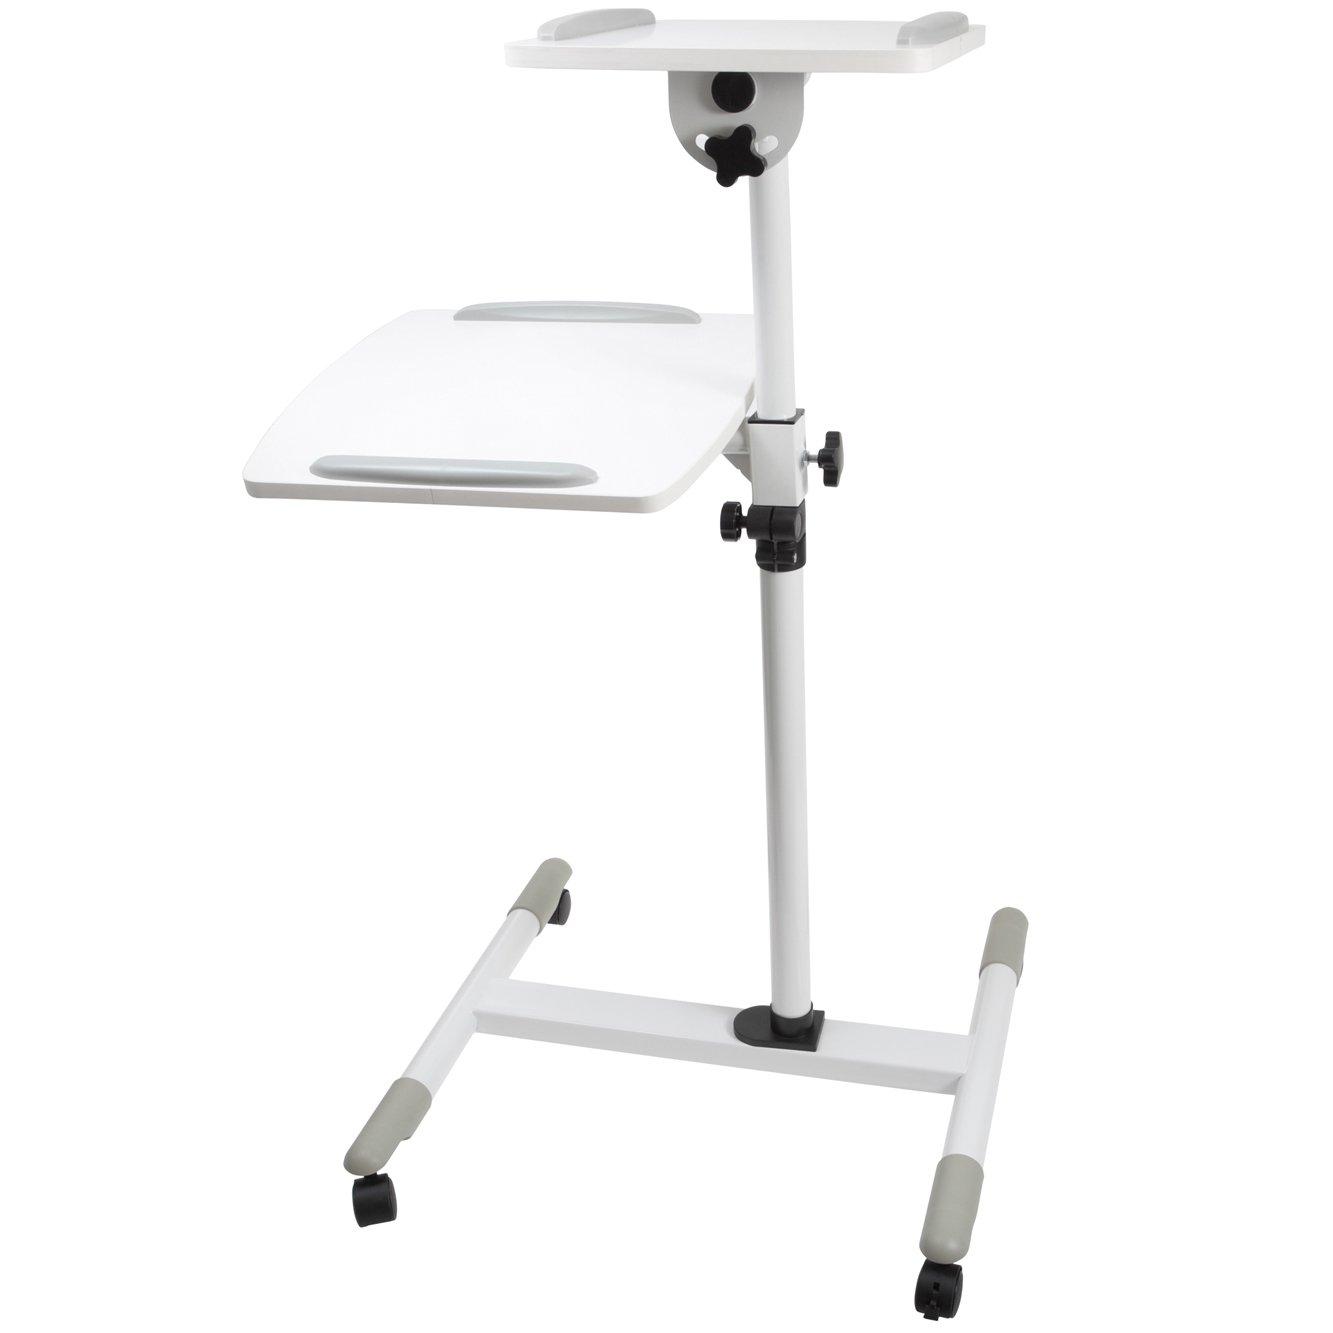 Proper-Carrello regolabile, per PC e proiettore, colore: bianco Praktica PB114